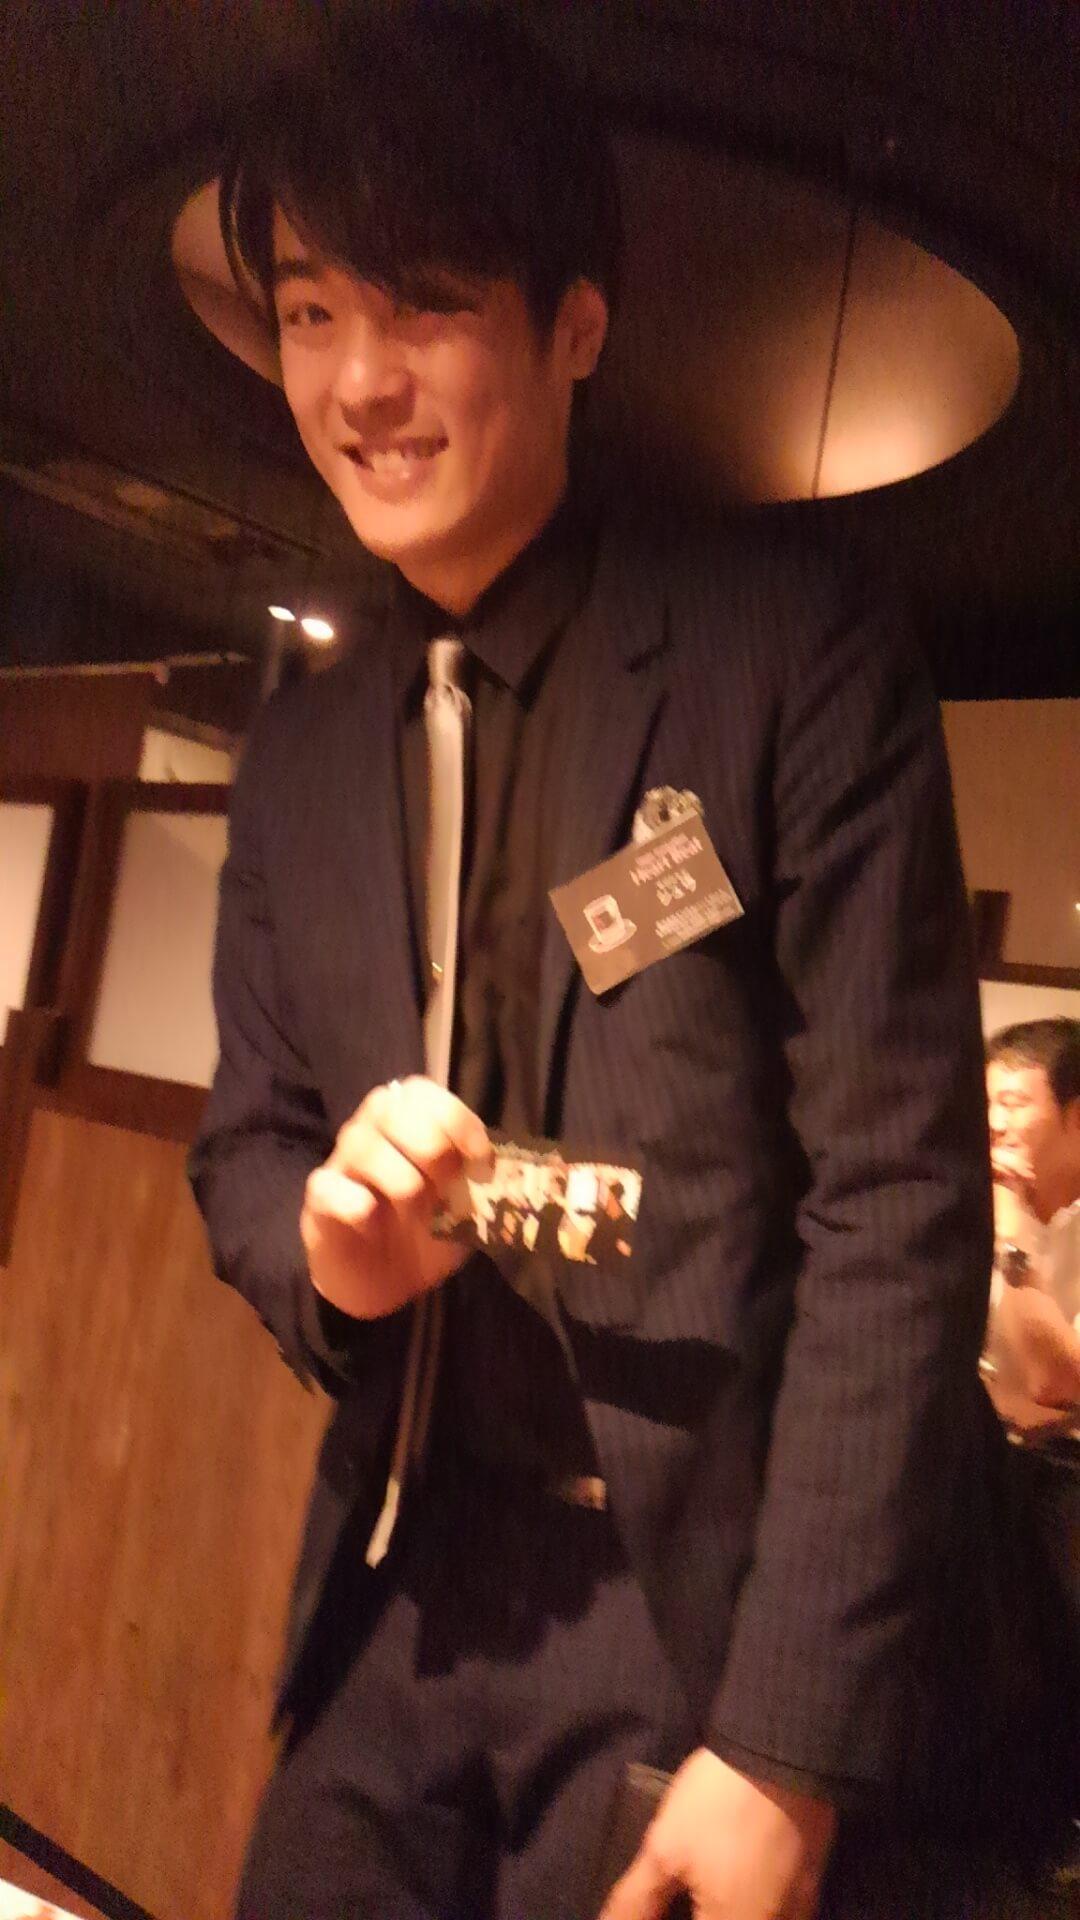 相席屋銀座コリドー店に営業に来ていたマジシャン